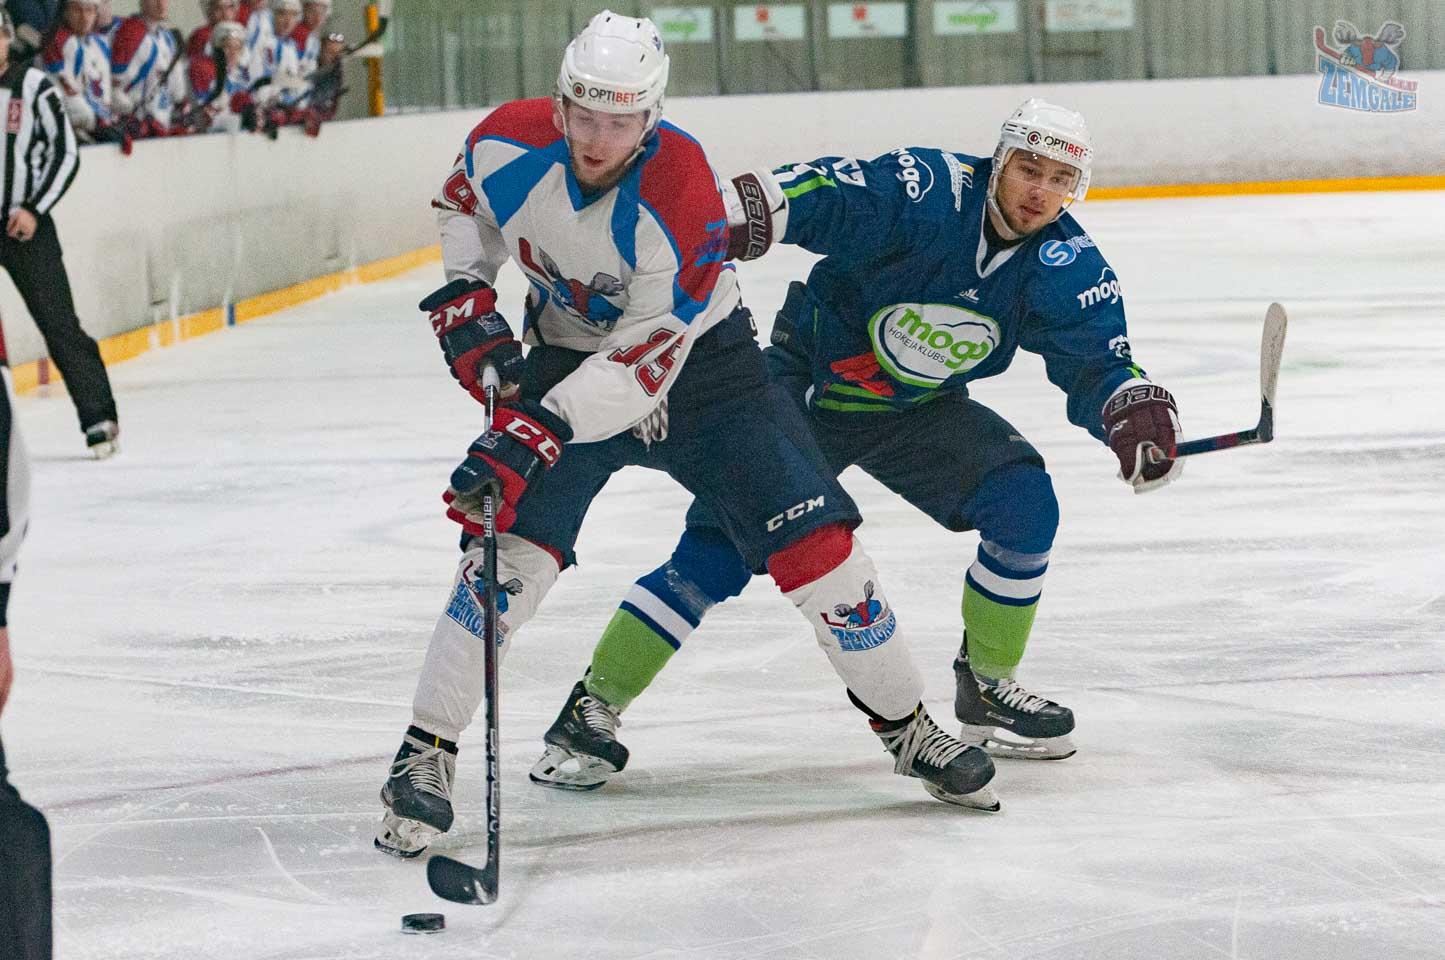 Hokeja uzbrucējs apsteidz pretinieku, kurš slido ar pacelto nūju